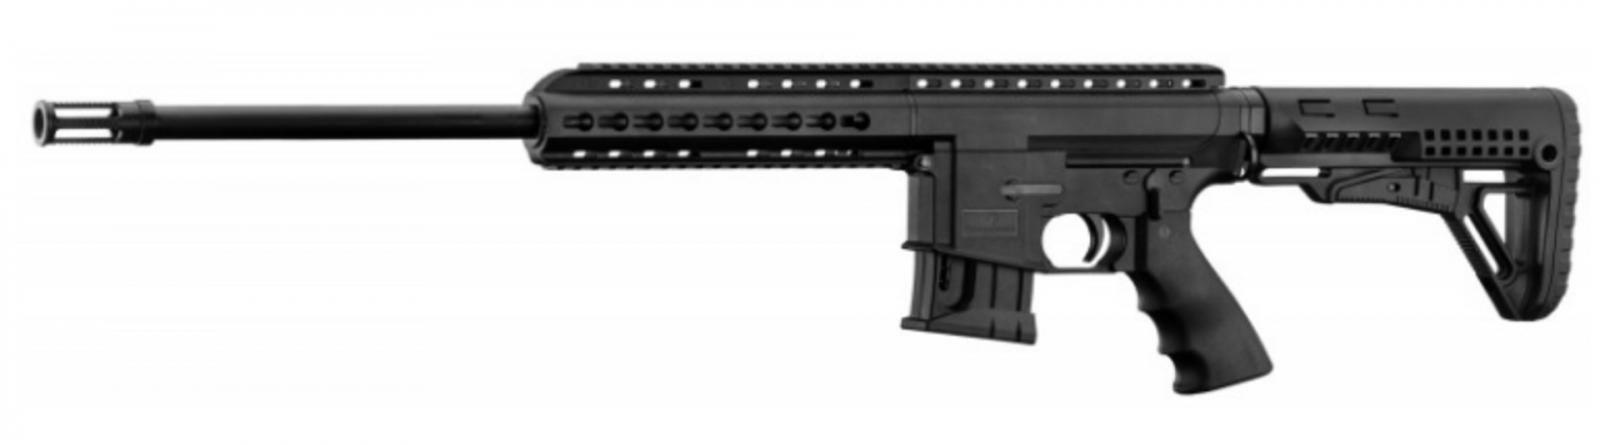 Carabine SCHMEISSER BA-15